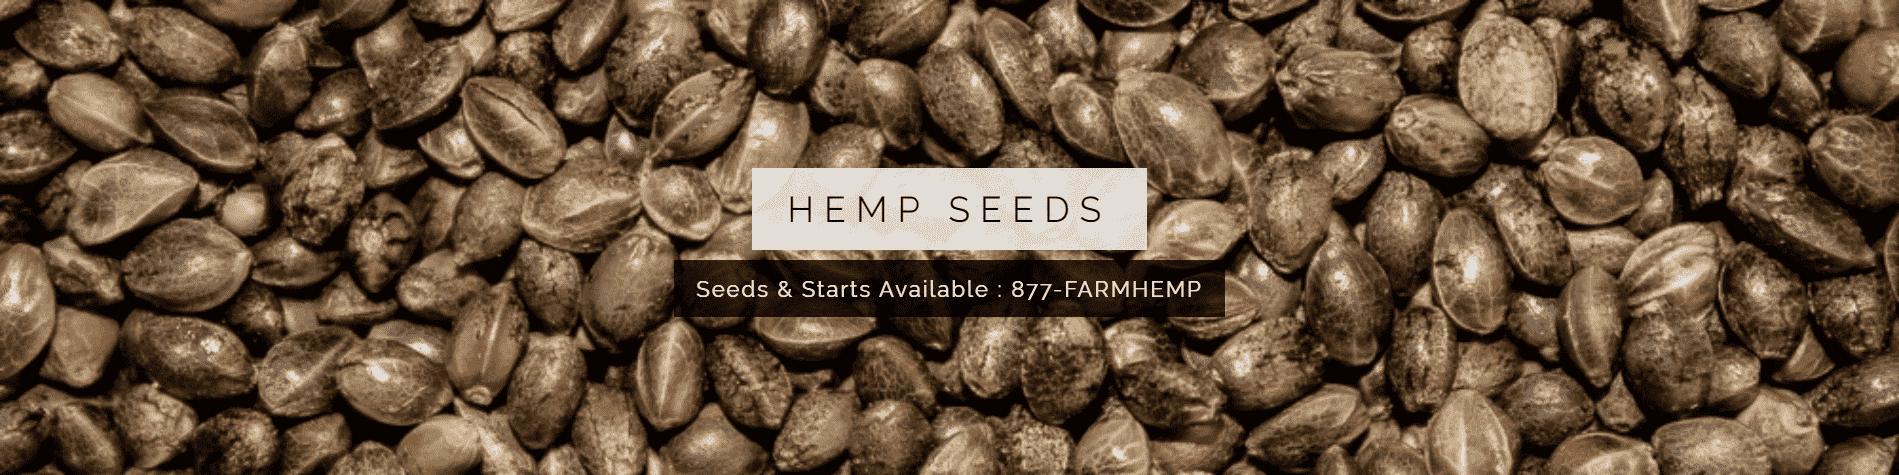 Hemp Seeds Banner for iHEMPx